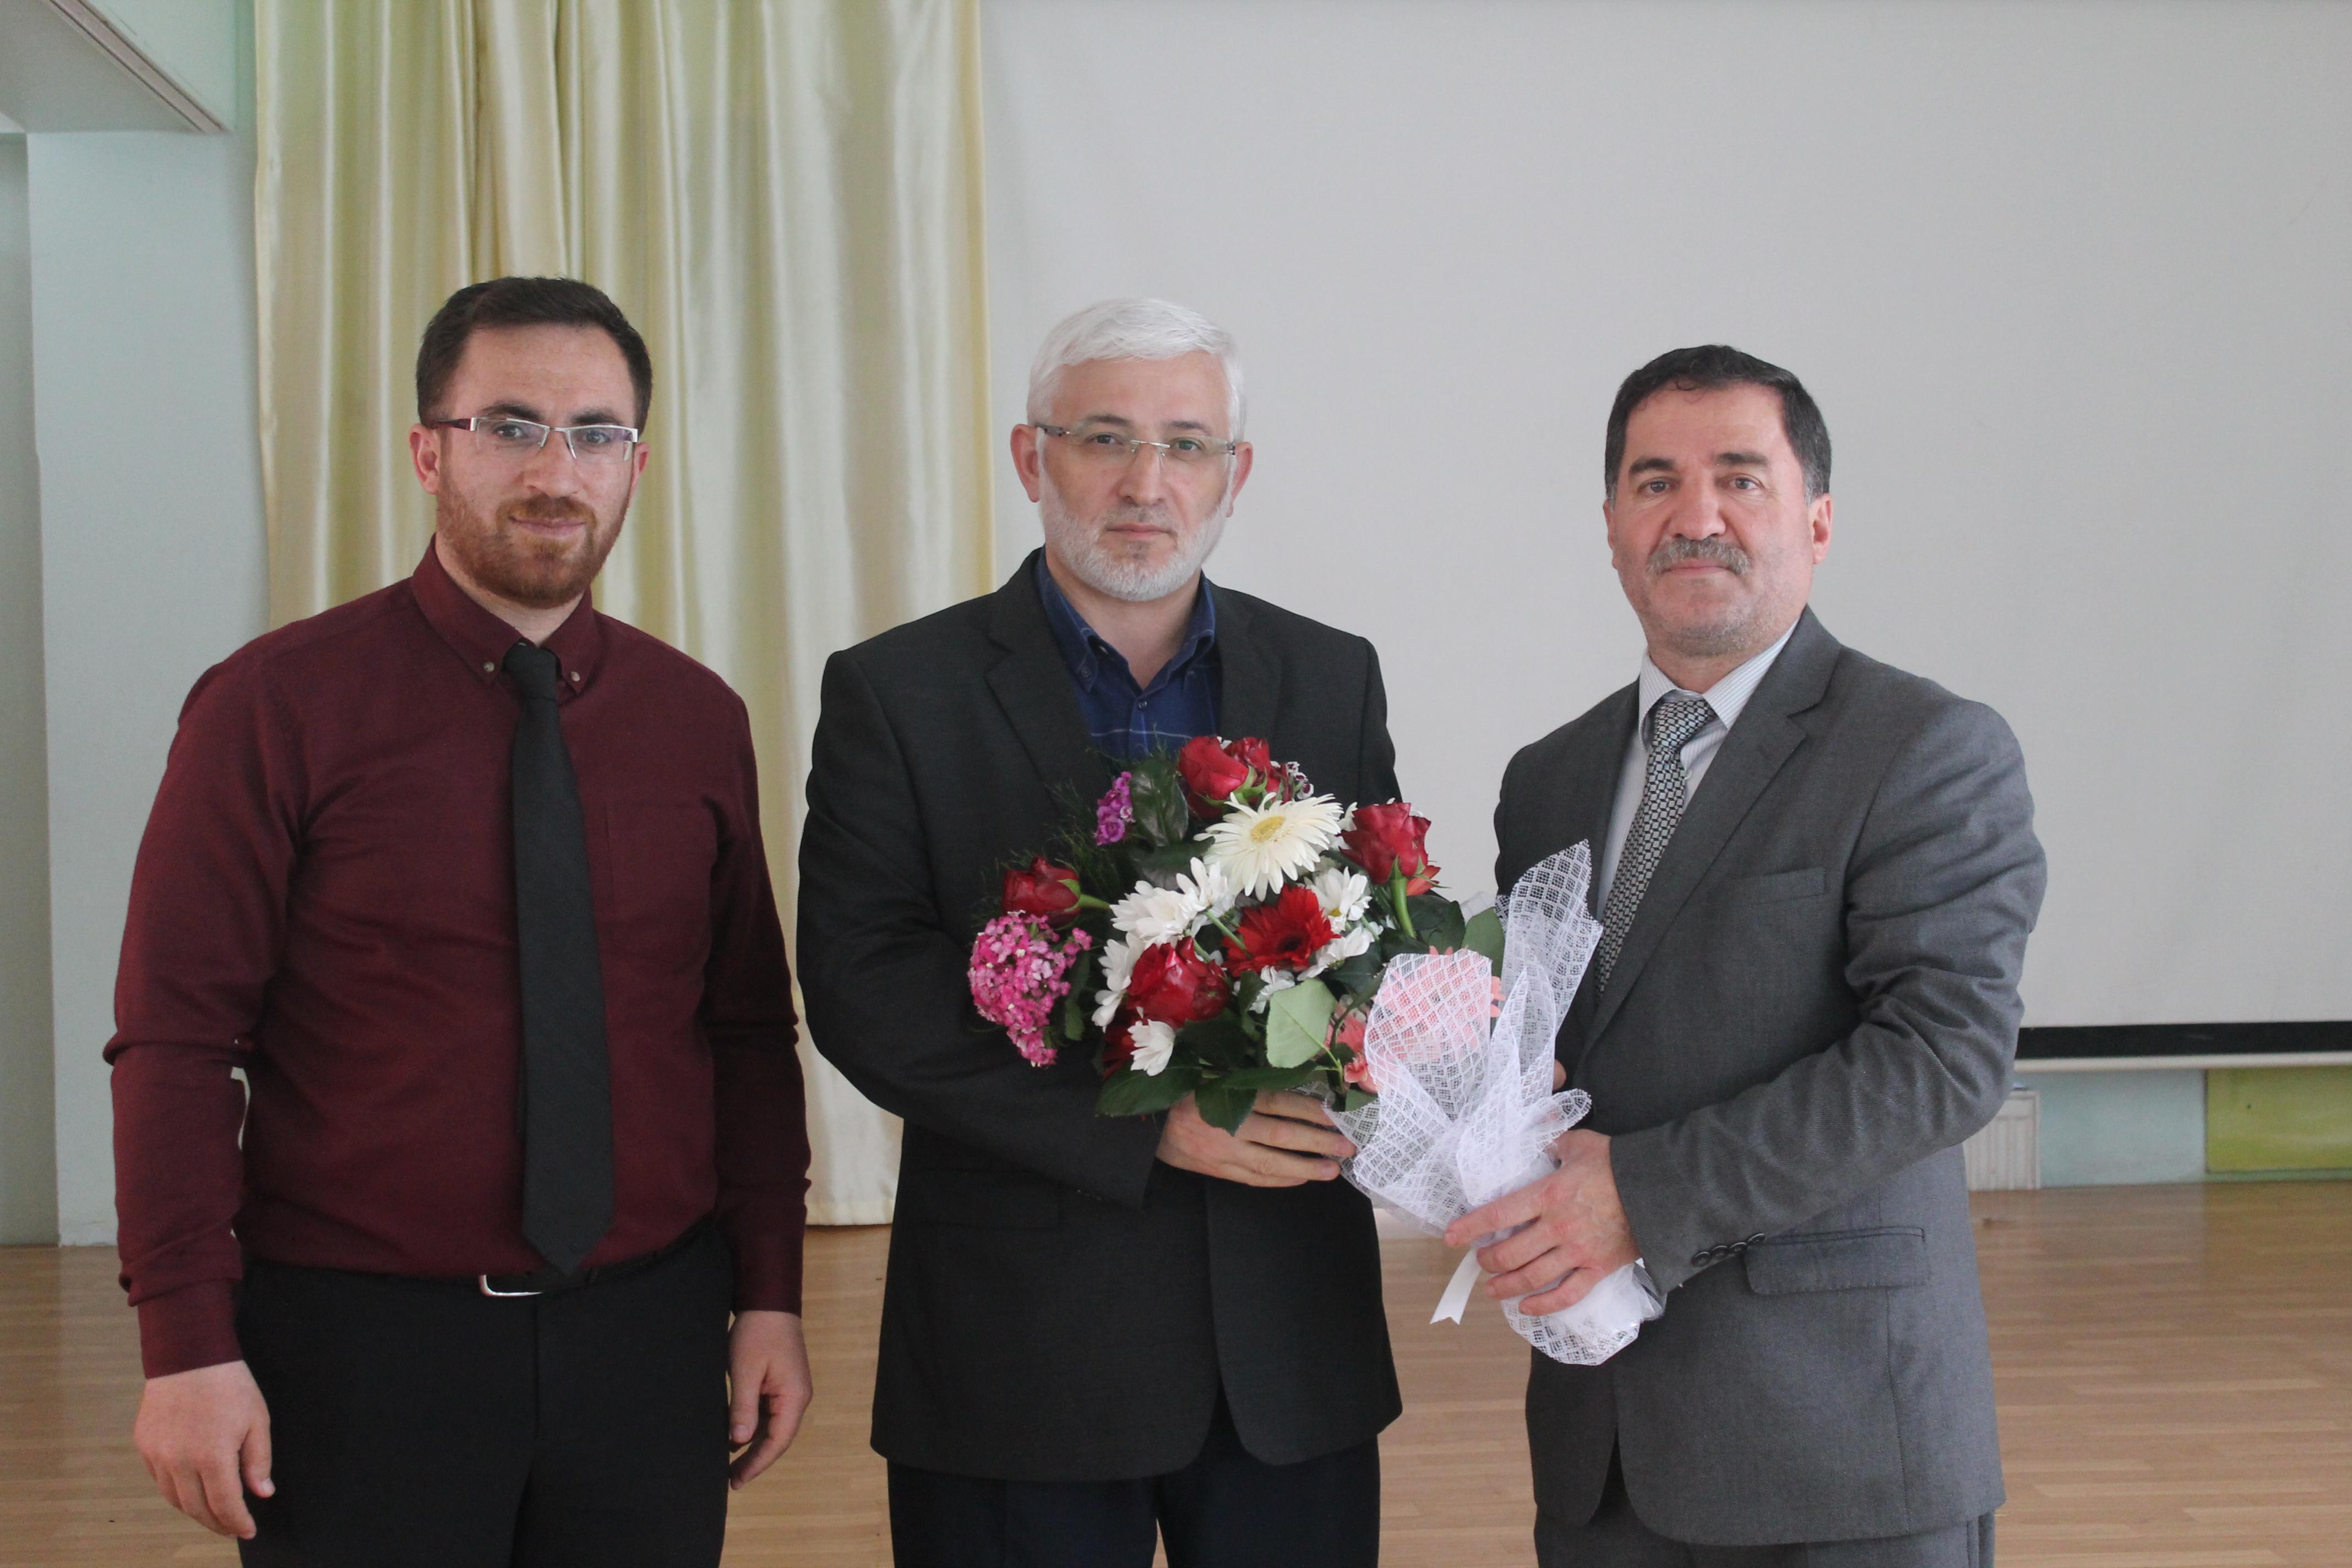 """Ramazân-ı şerîf münasebetiyle okulumuzda """"Ramazan ve Oruç"""" konulu seminer düzenlendi."""